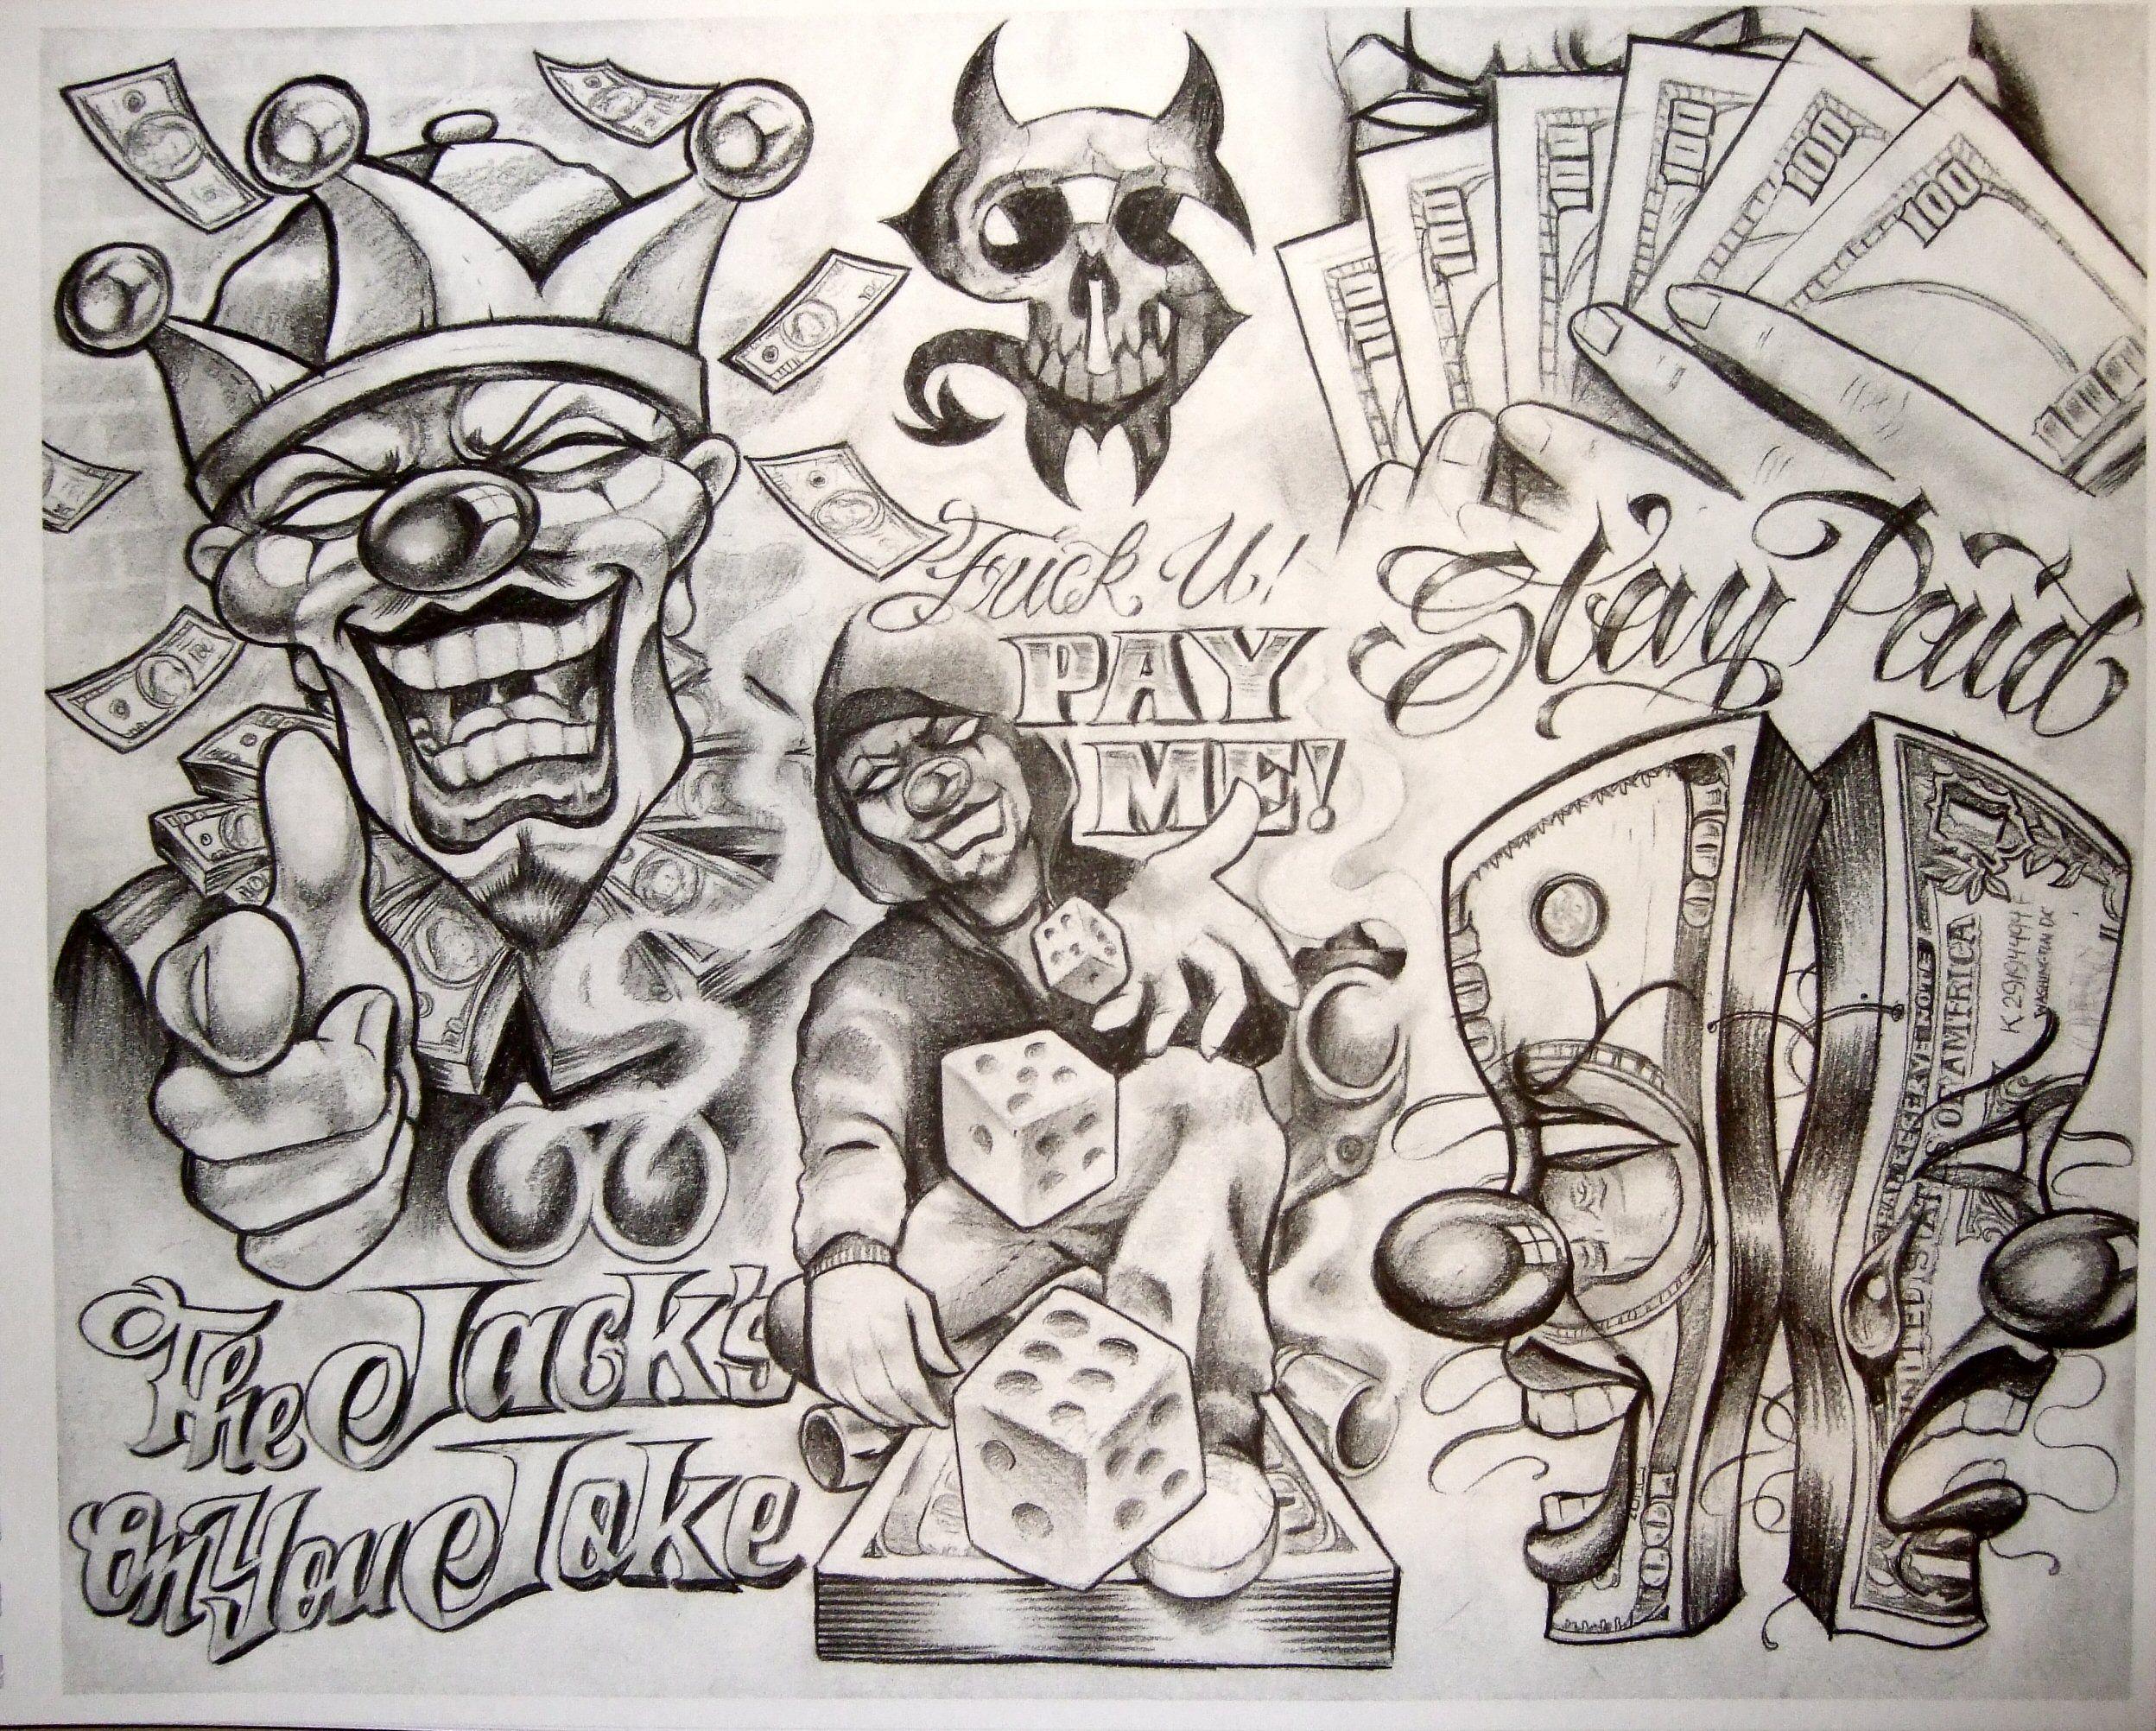 Boog Tattoo Nails Art Art Tattoo Tattoo Flash Chicano Art Scripts Art Tattoo Art Boog Stars Boog Tattoo Chicano Art Tattoos Money Tattoo